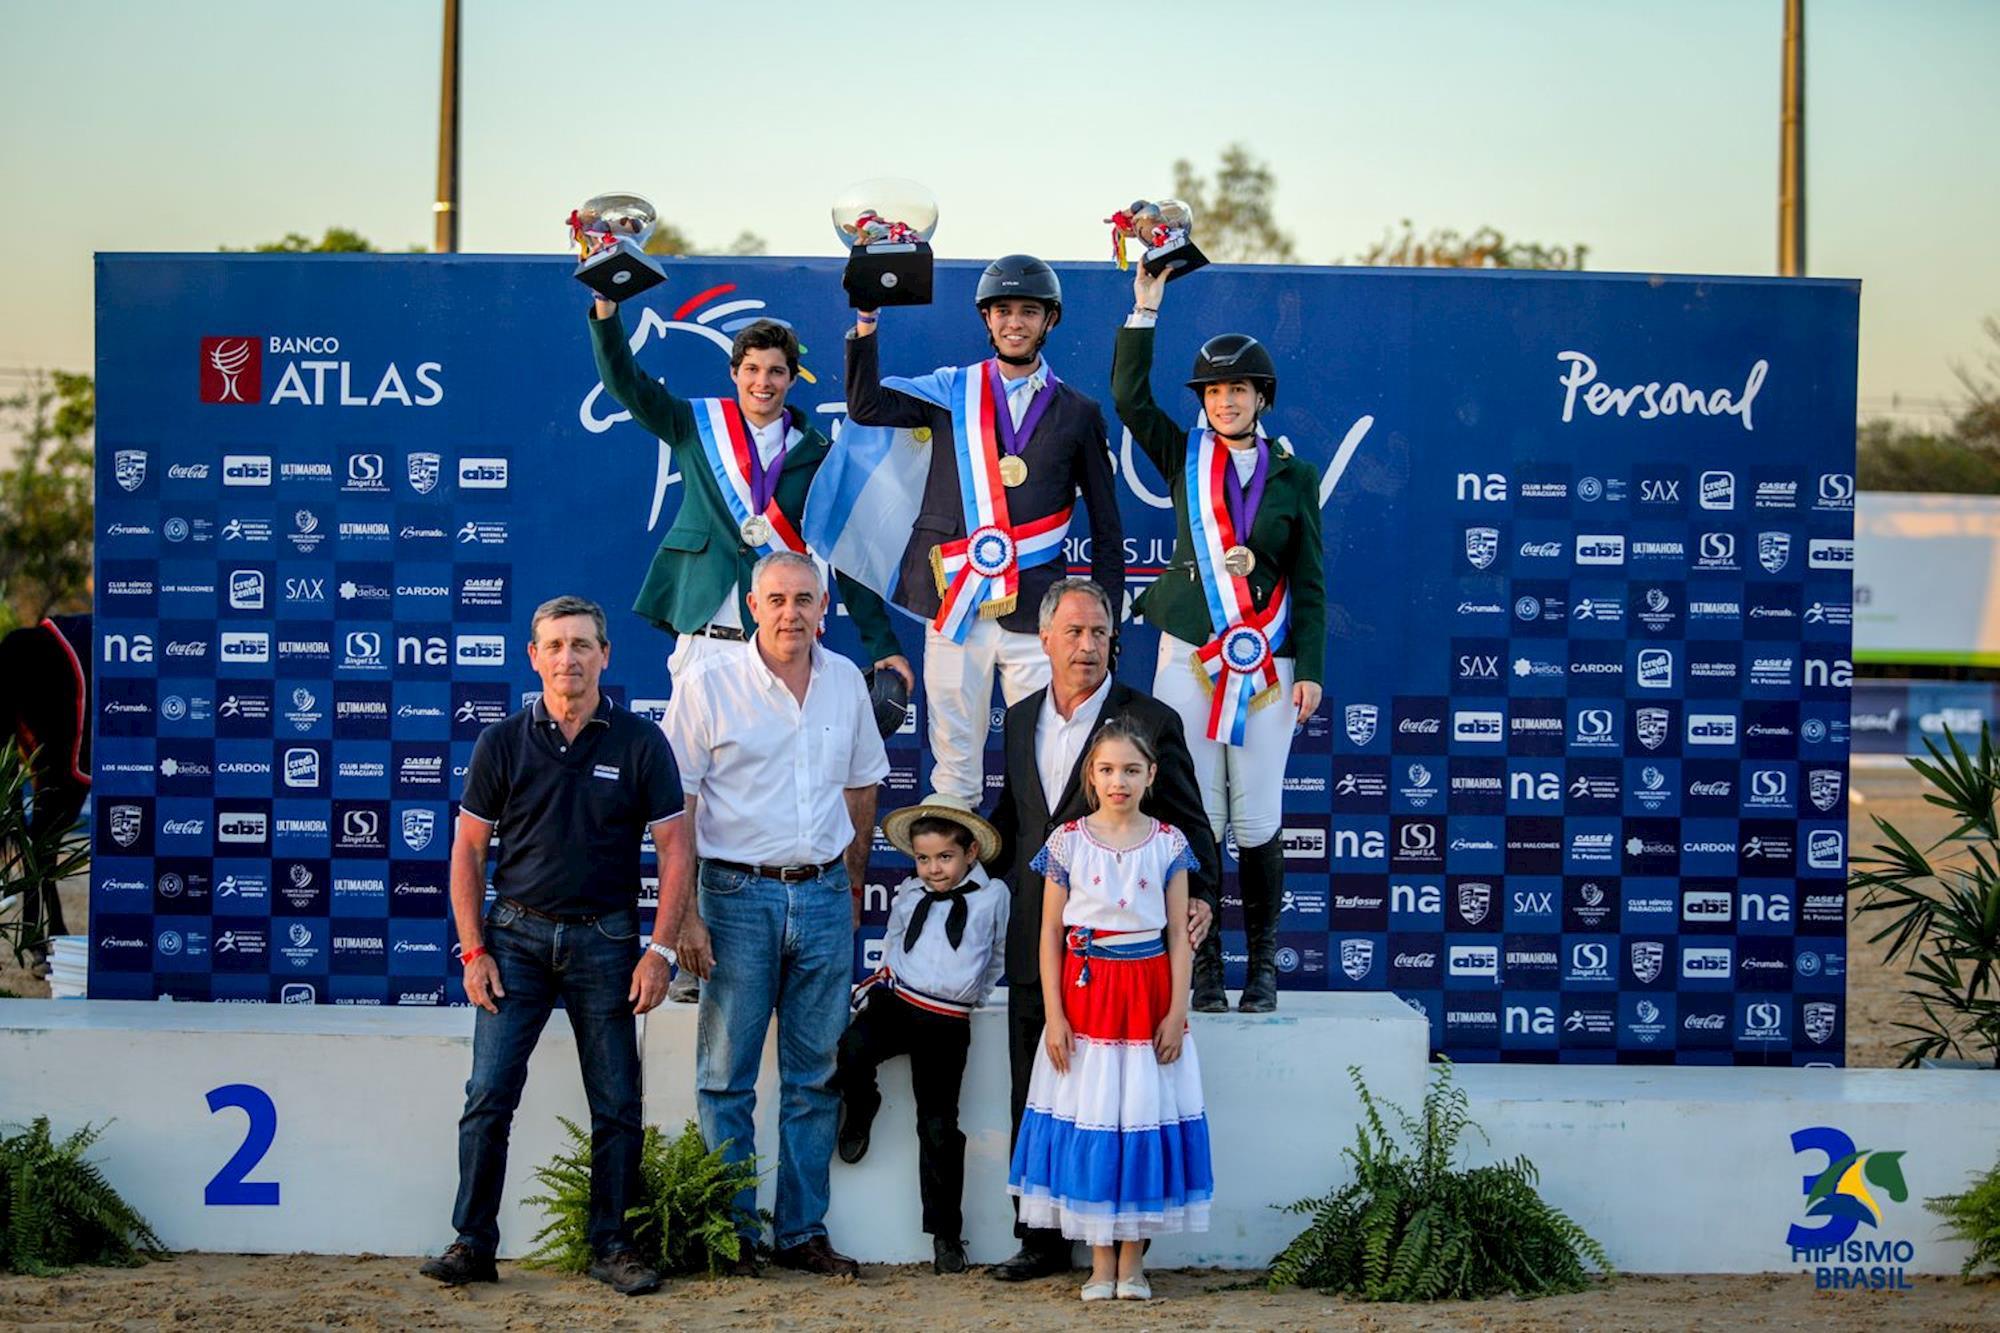 Young Riders: João Pedro Roberto,  prata e e Victoria Mendonça. bronze, Sul-americano,  Paraguai,  hipismo,  juventude,  salto,  CBH, Luis Ruas, Juventude voa no Paraguai